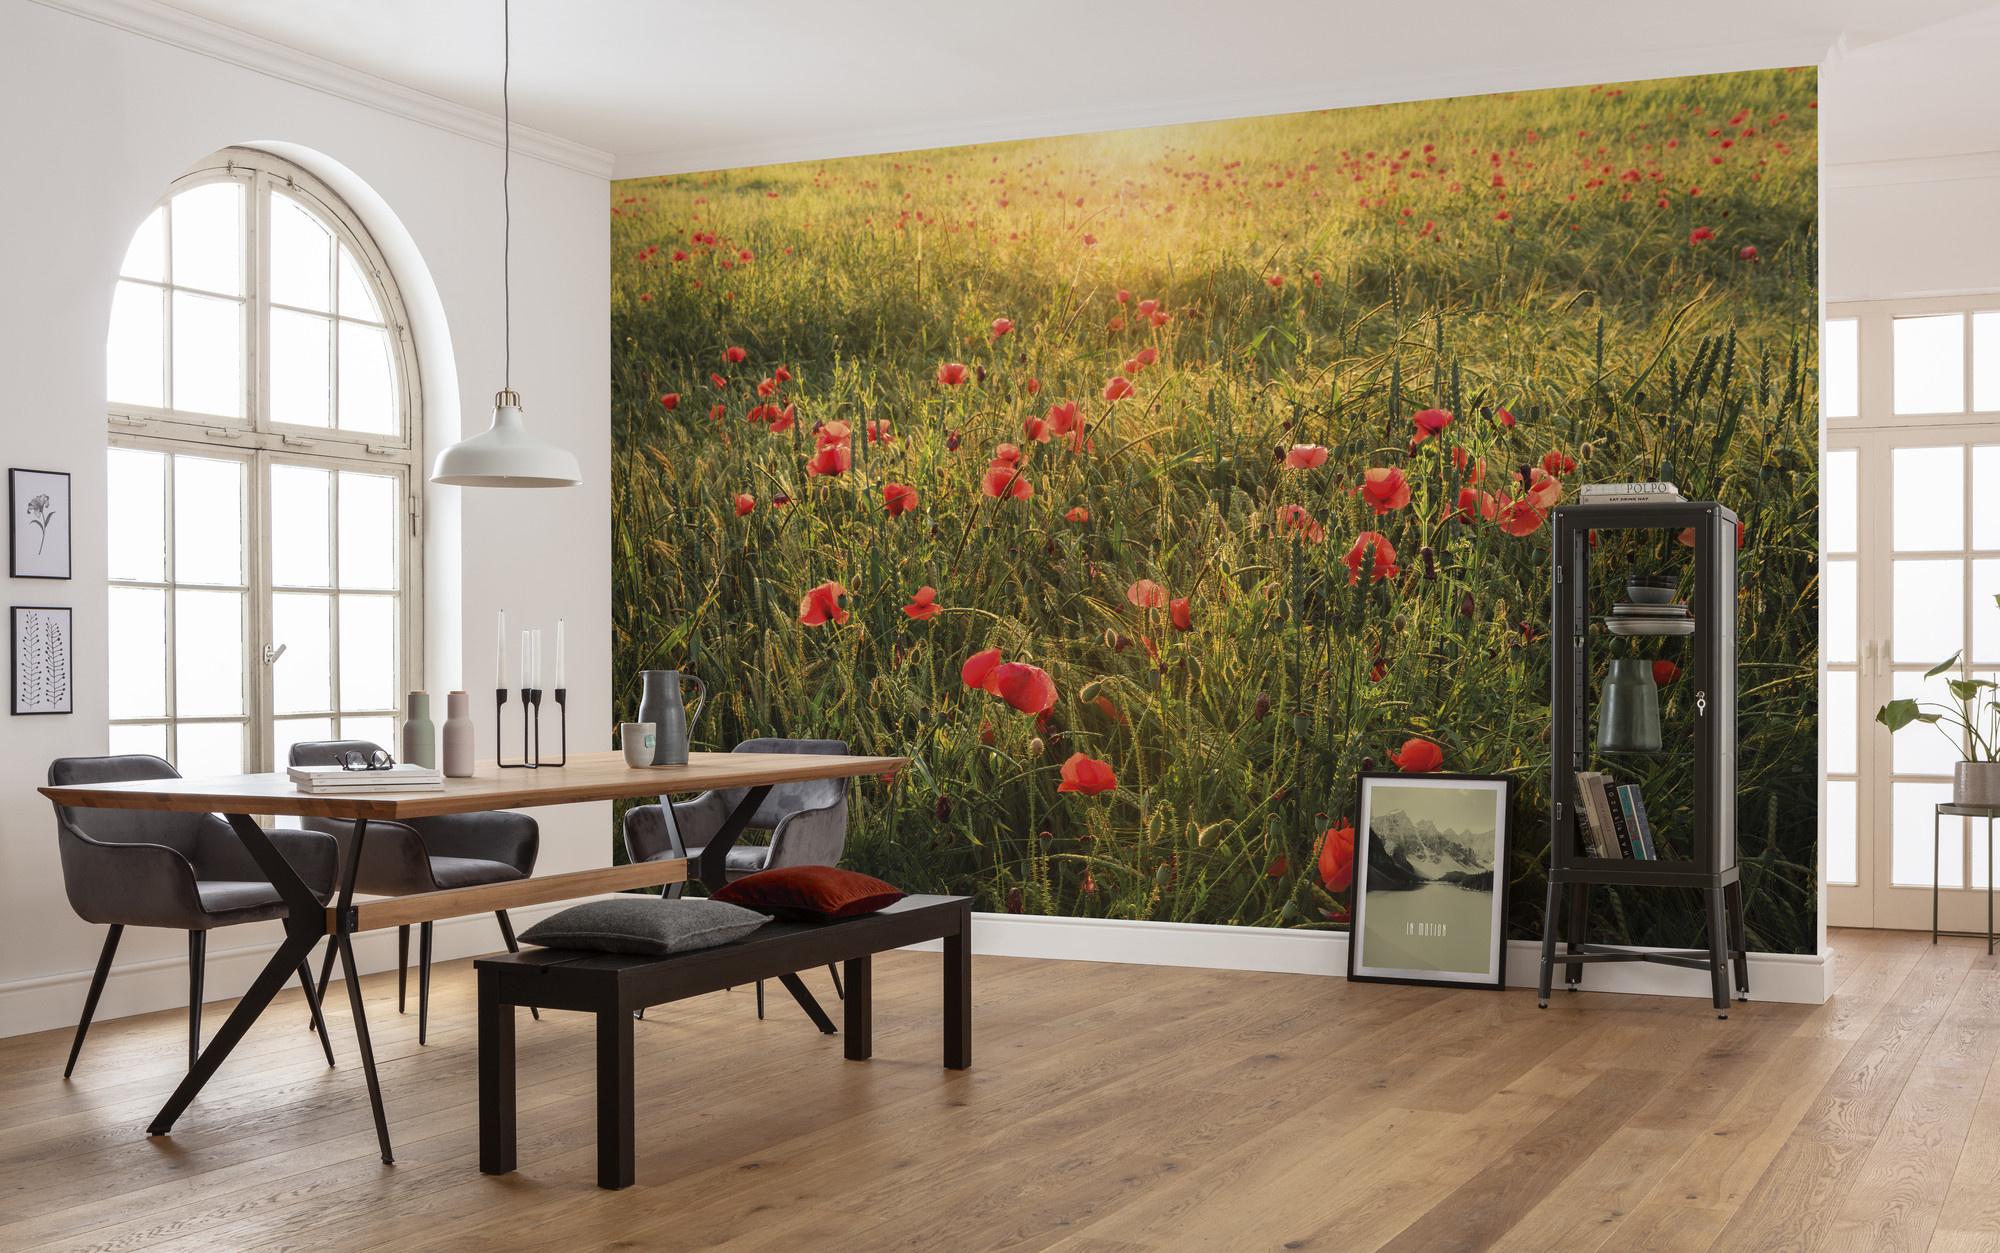 Stefan Hefele Edition 2 Fotobehang Komar - Natuur behang POPPY WORLD I